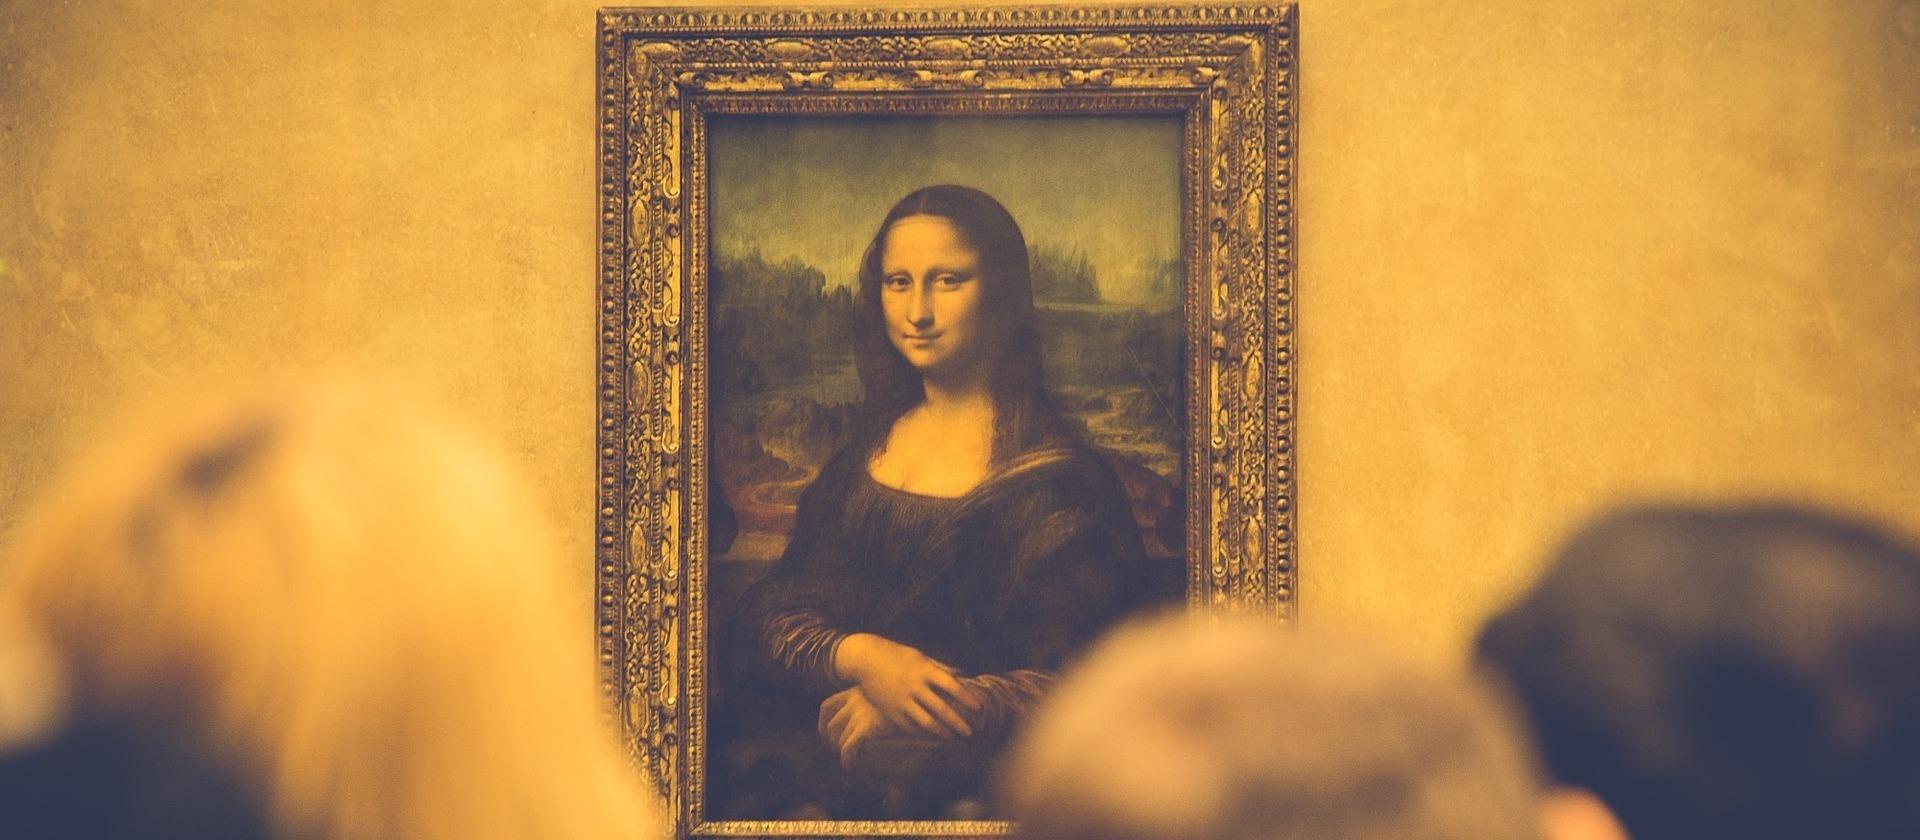 Zašto je Mona Liza toliko popularna?